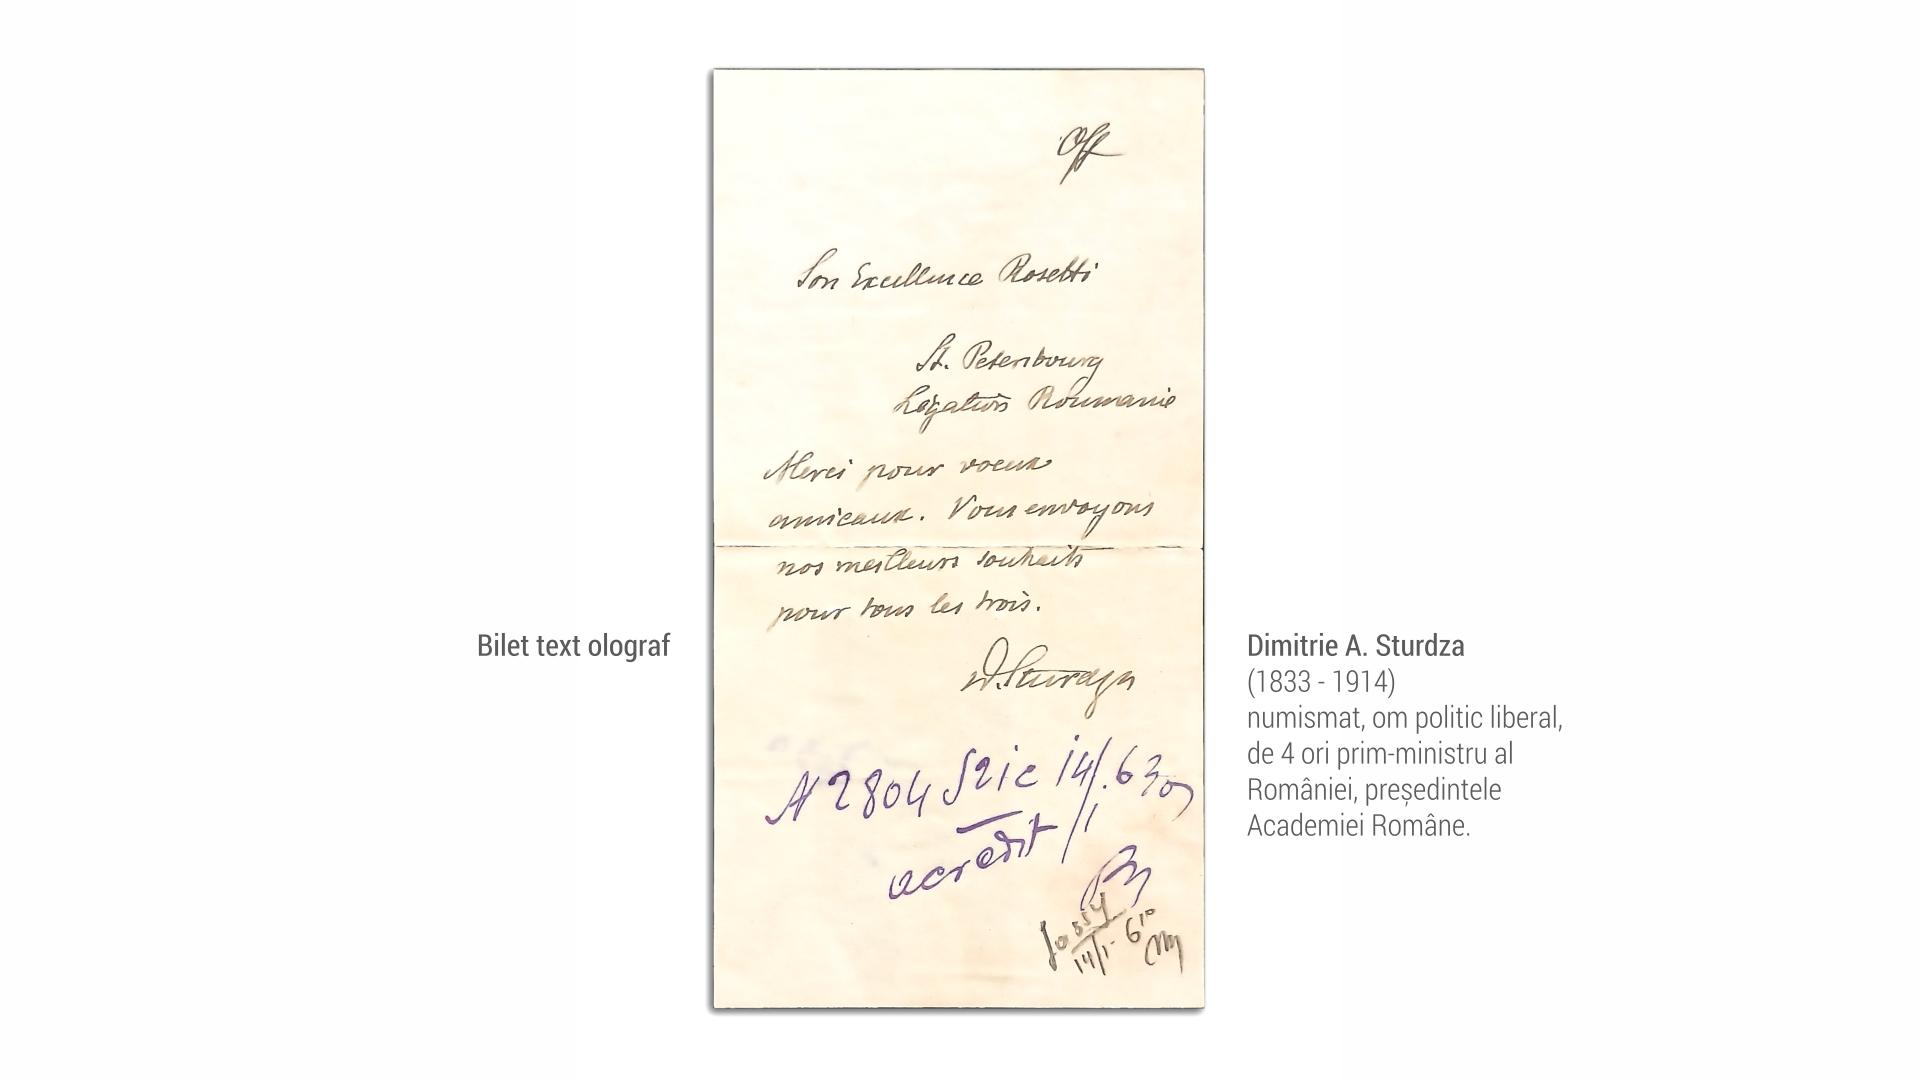 1833 Dimitrie Strurdza - bilet